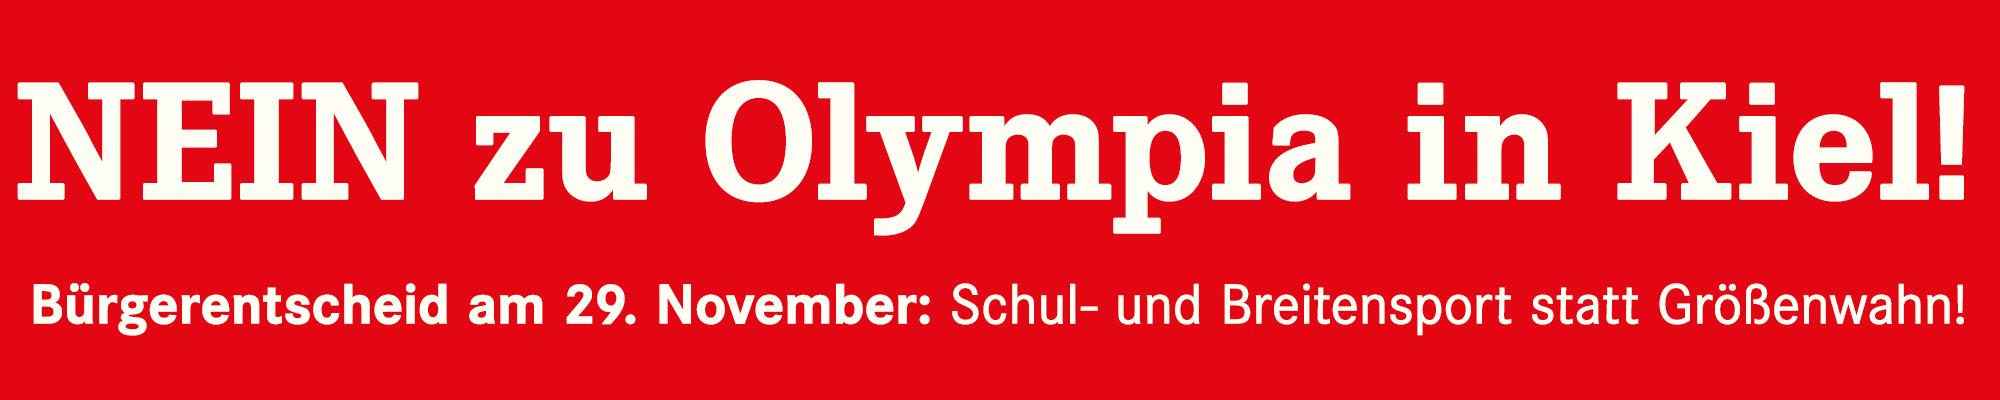 NEIN zu Olympia in Kiel!